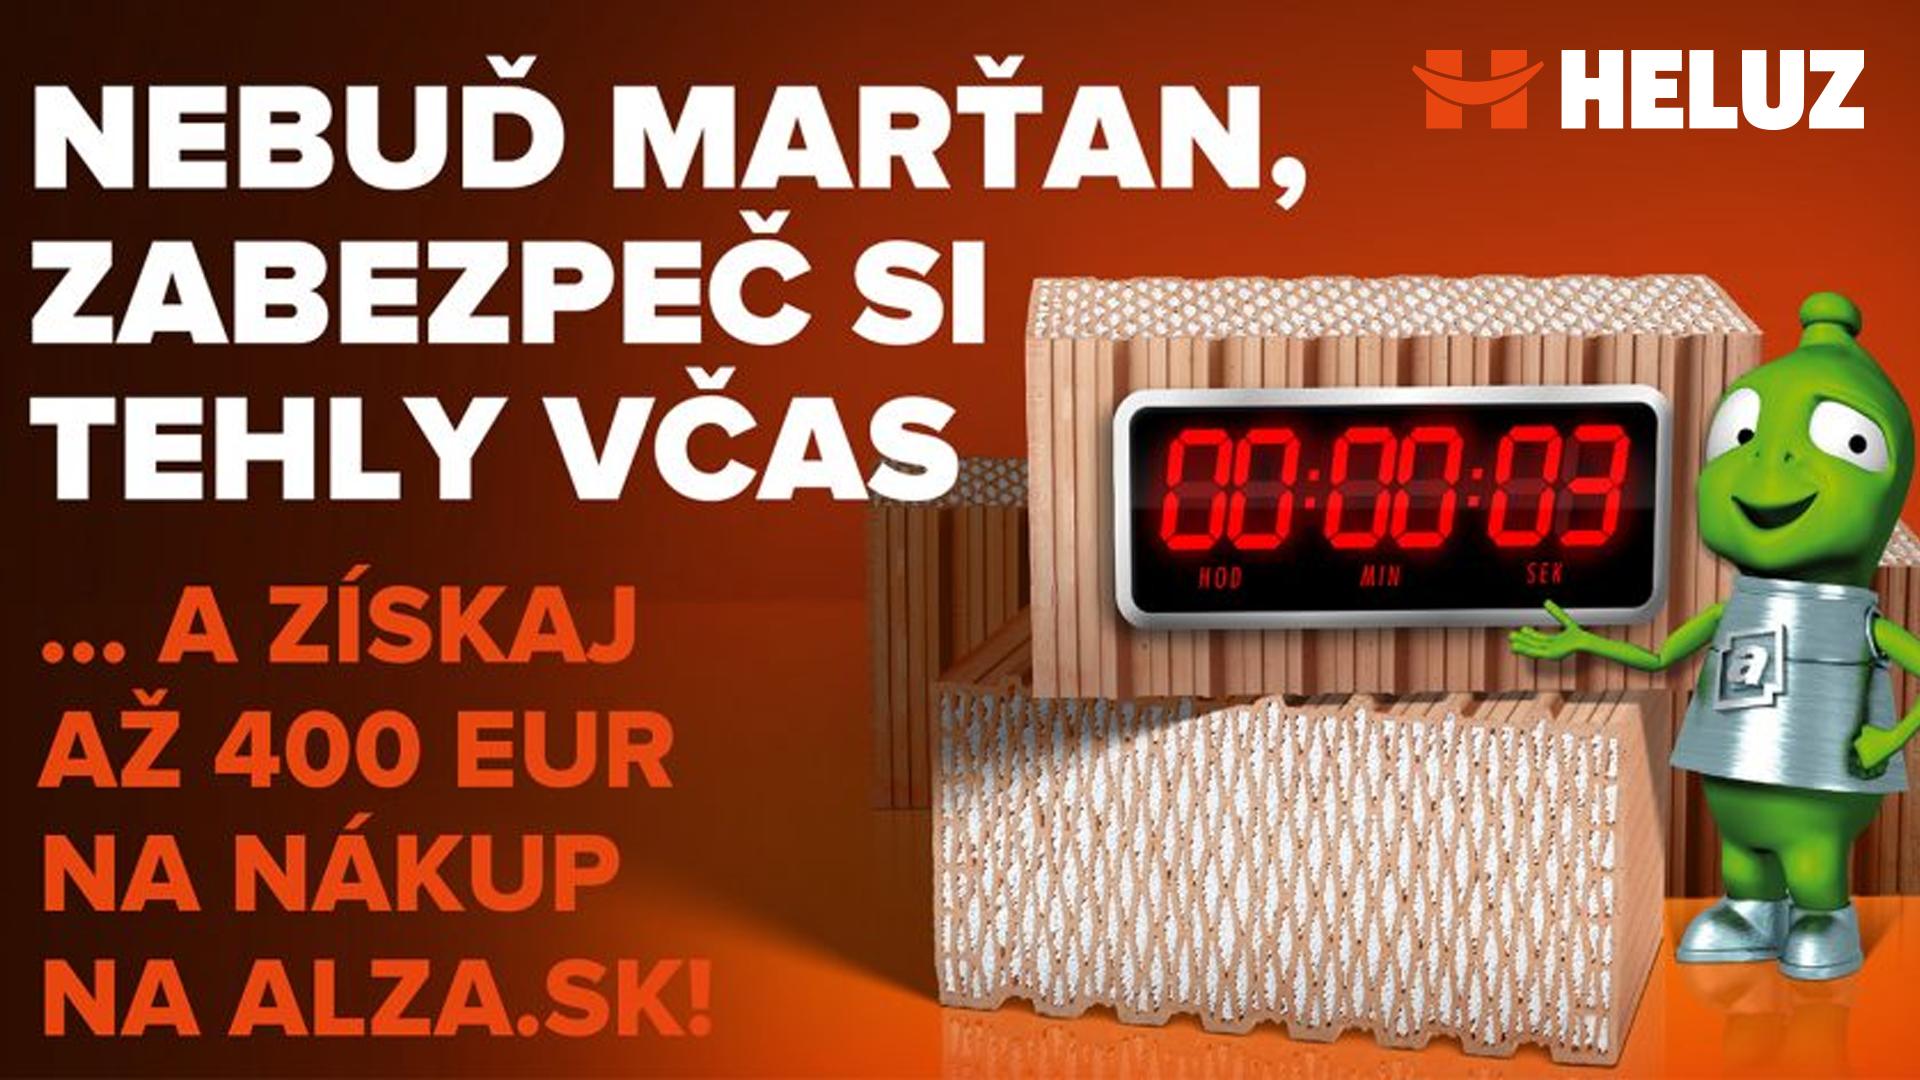 K tehlám Heluz naviac poukaz na nákup na Alza.sk